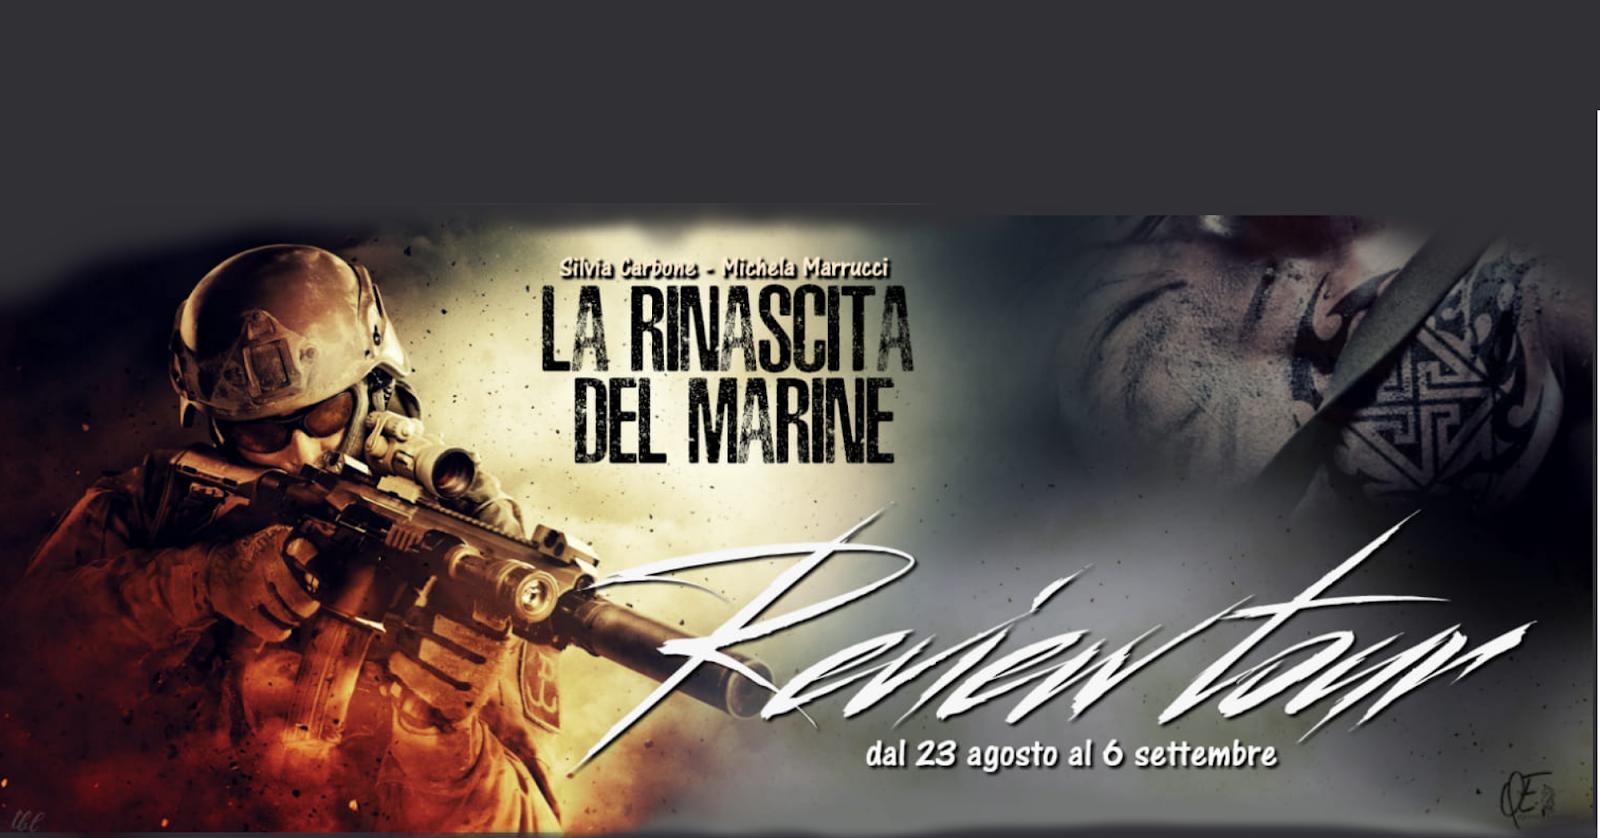 Recensione di La rinascita del marine di Silvia Carbone e Michela Marrucci